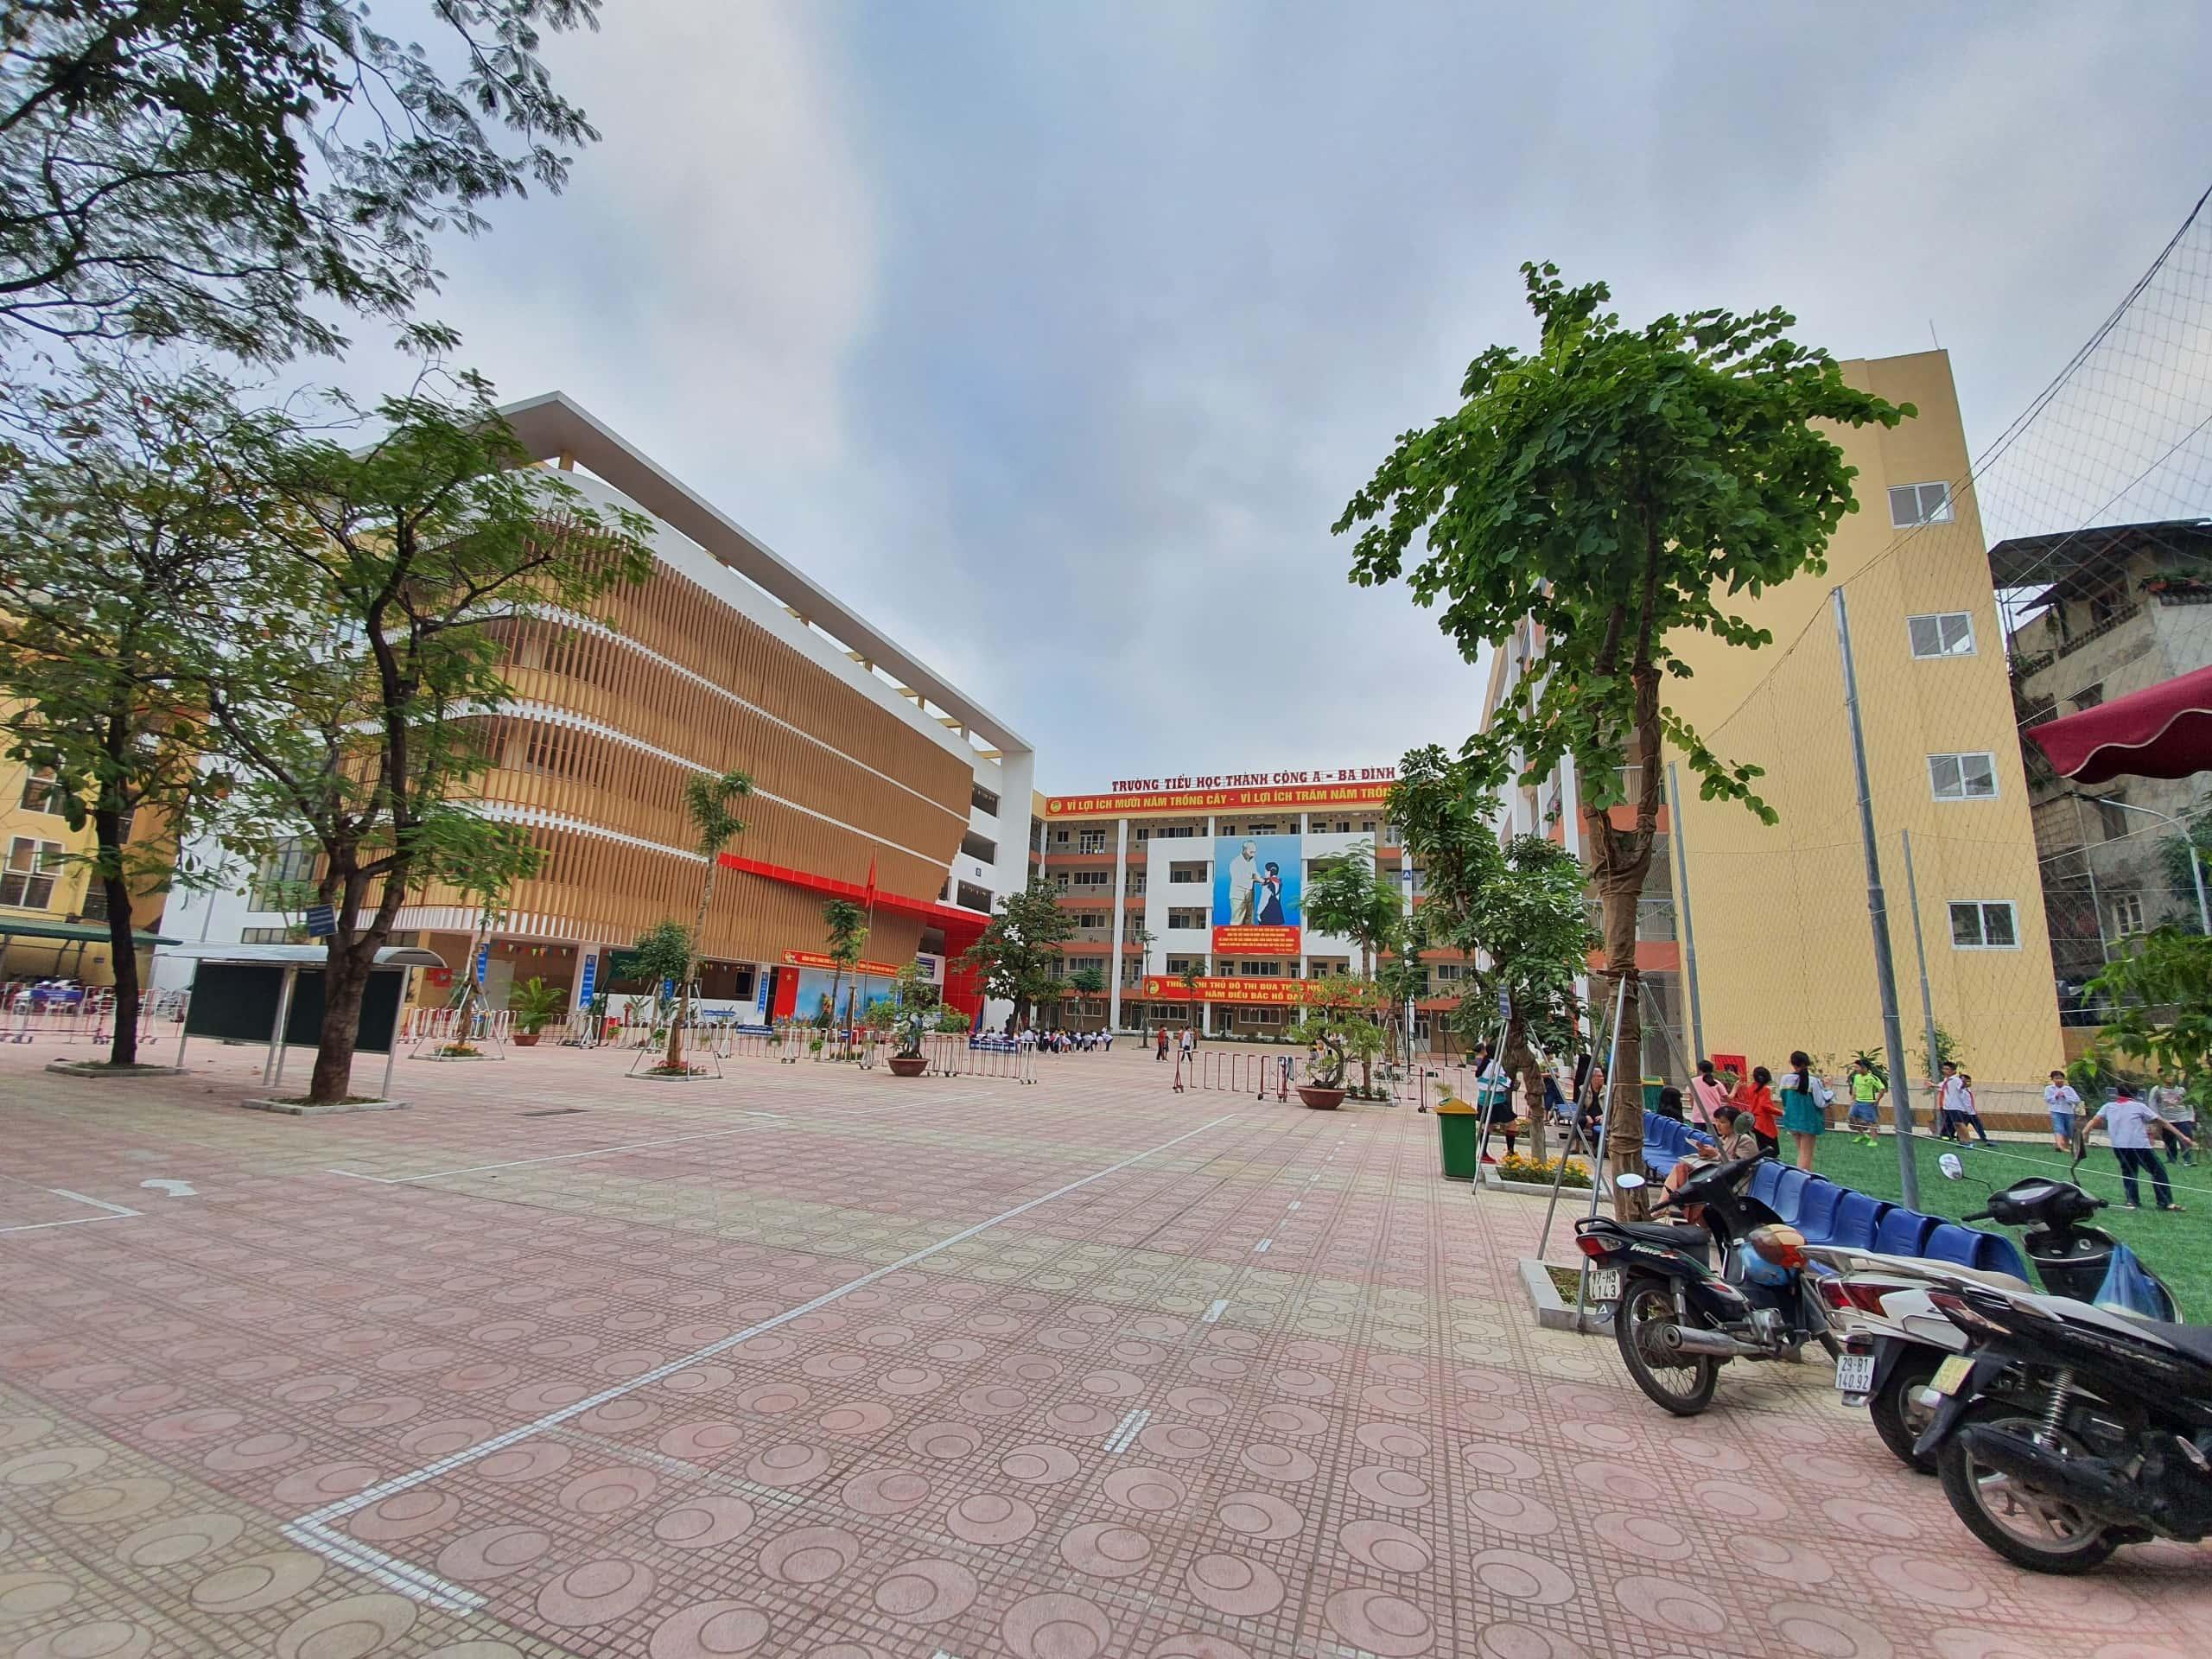 Trường tiểu học Thành Công A, Ba Đình, Hà Nội - Thanh Cong A elementary school, Ba Dinh district, Hanoi